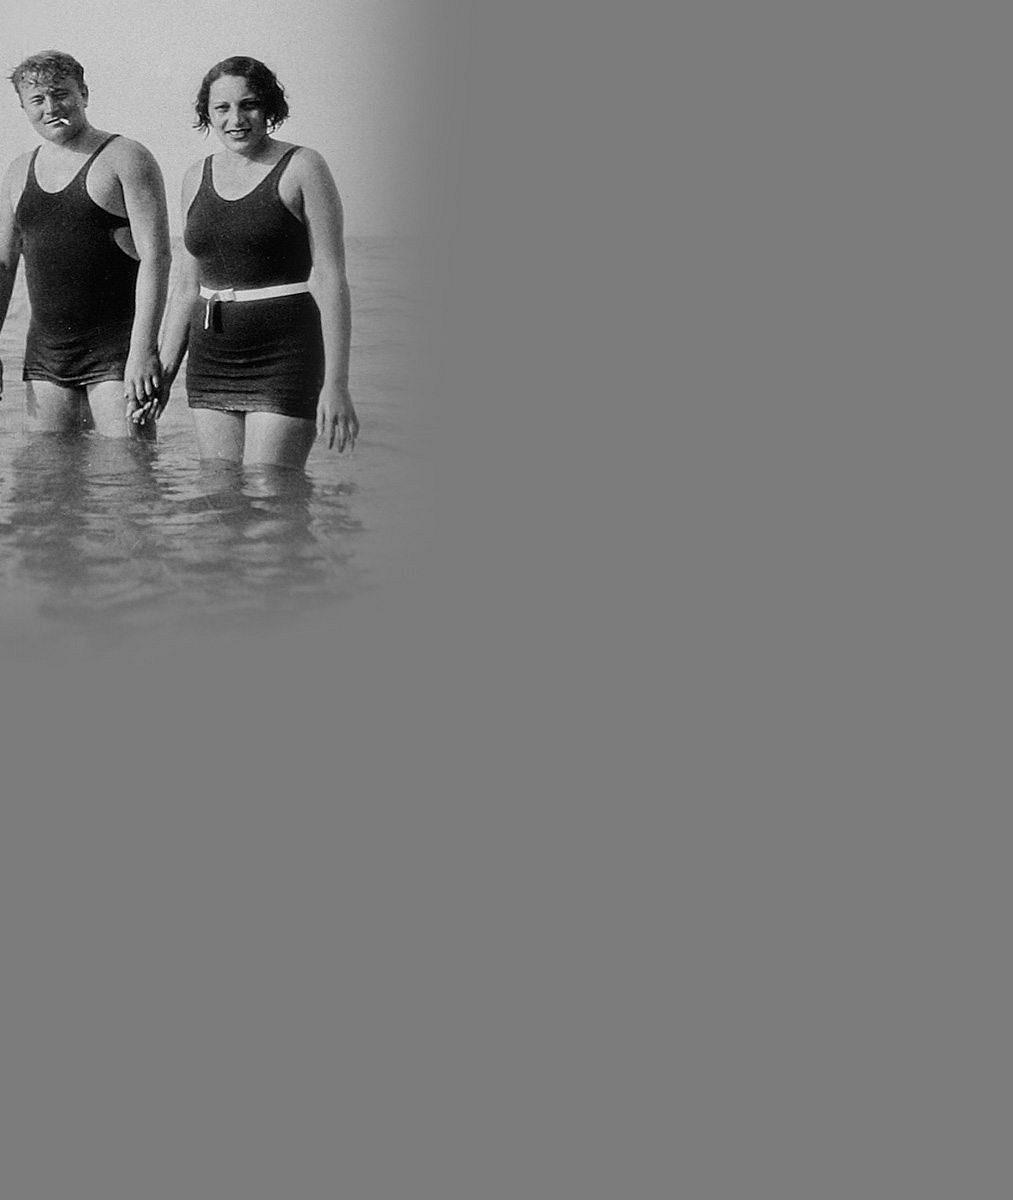 Nahota v šatně, tělocvik s Voskovcem i foto v plavkách s manželkou: 4 vzácné snímky Jana Wericha